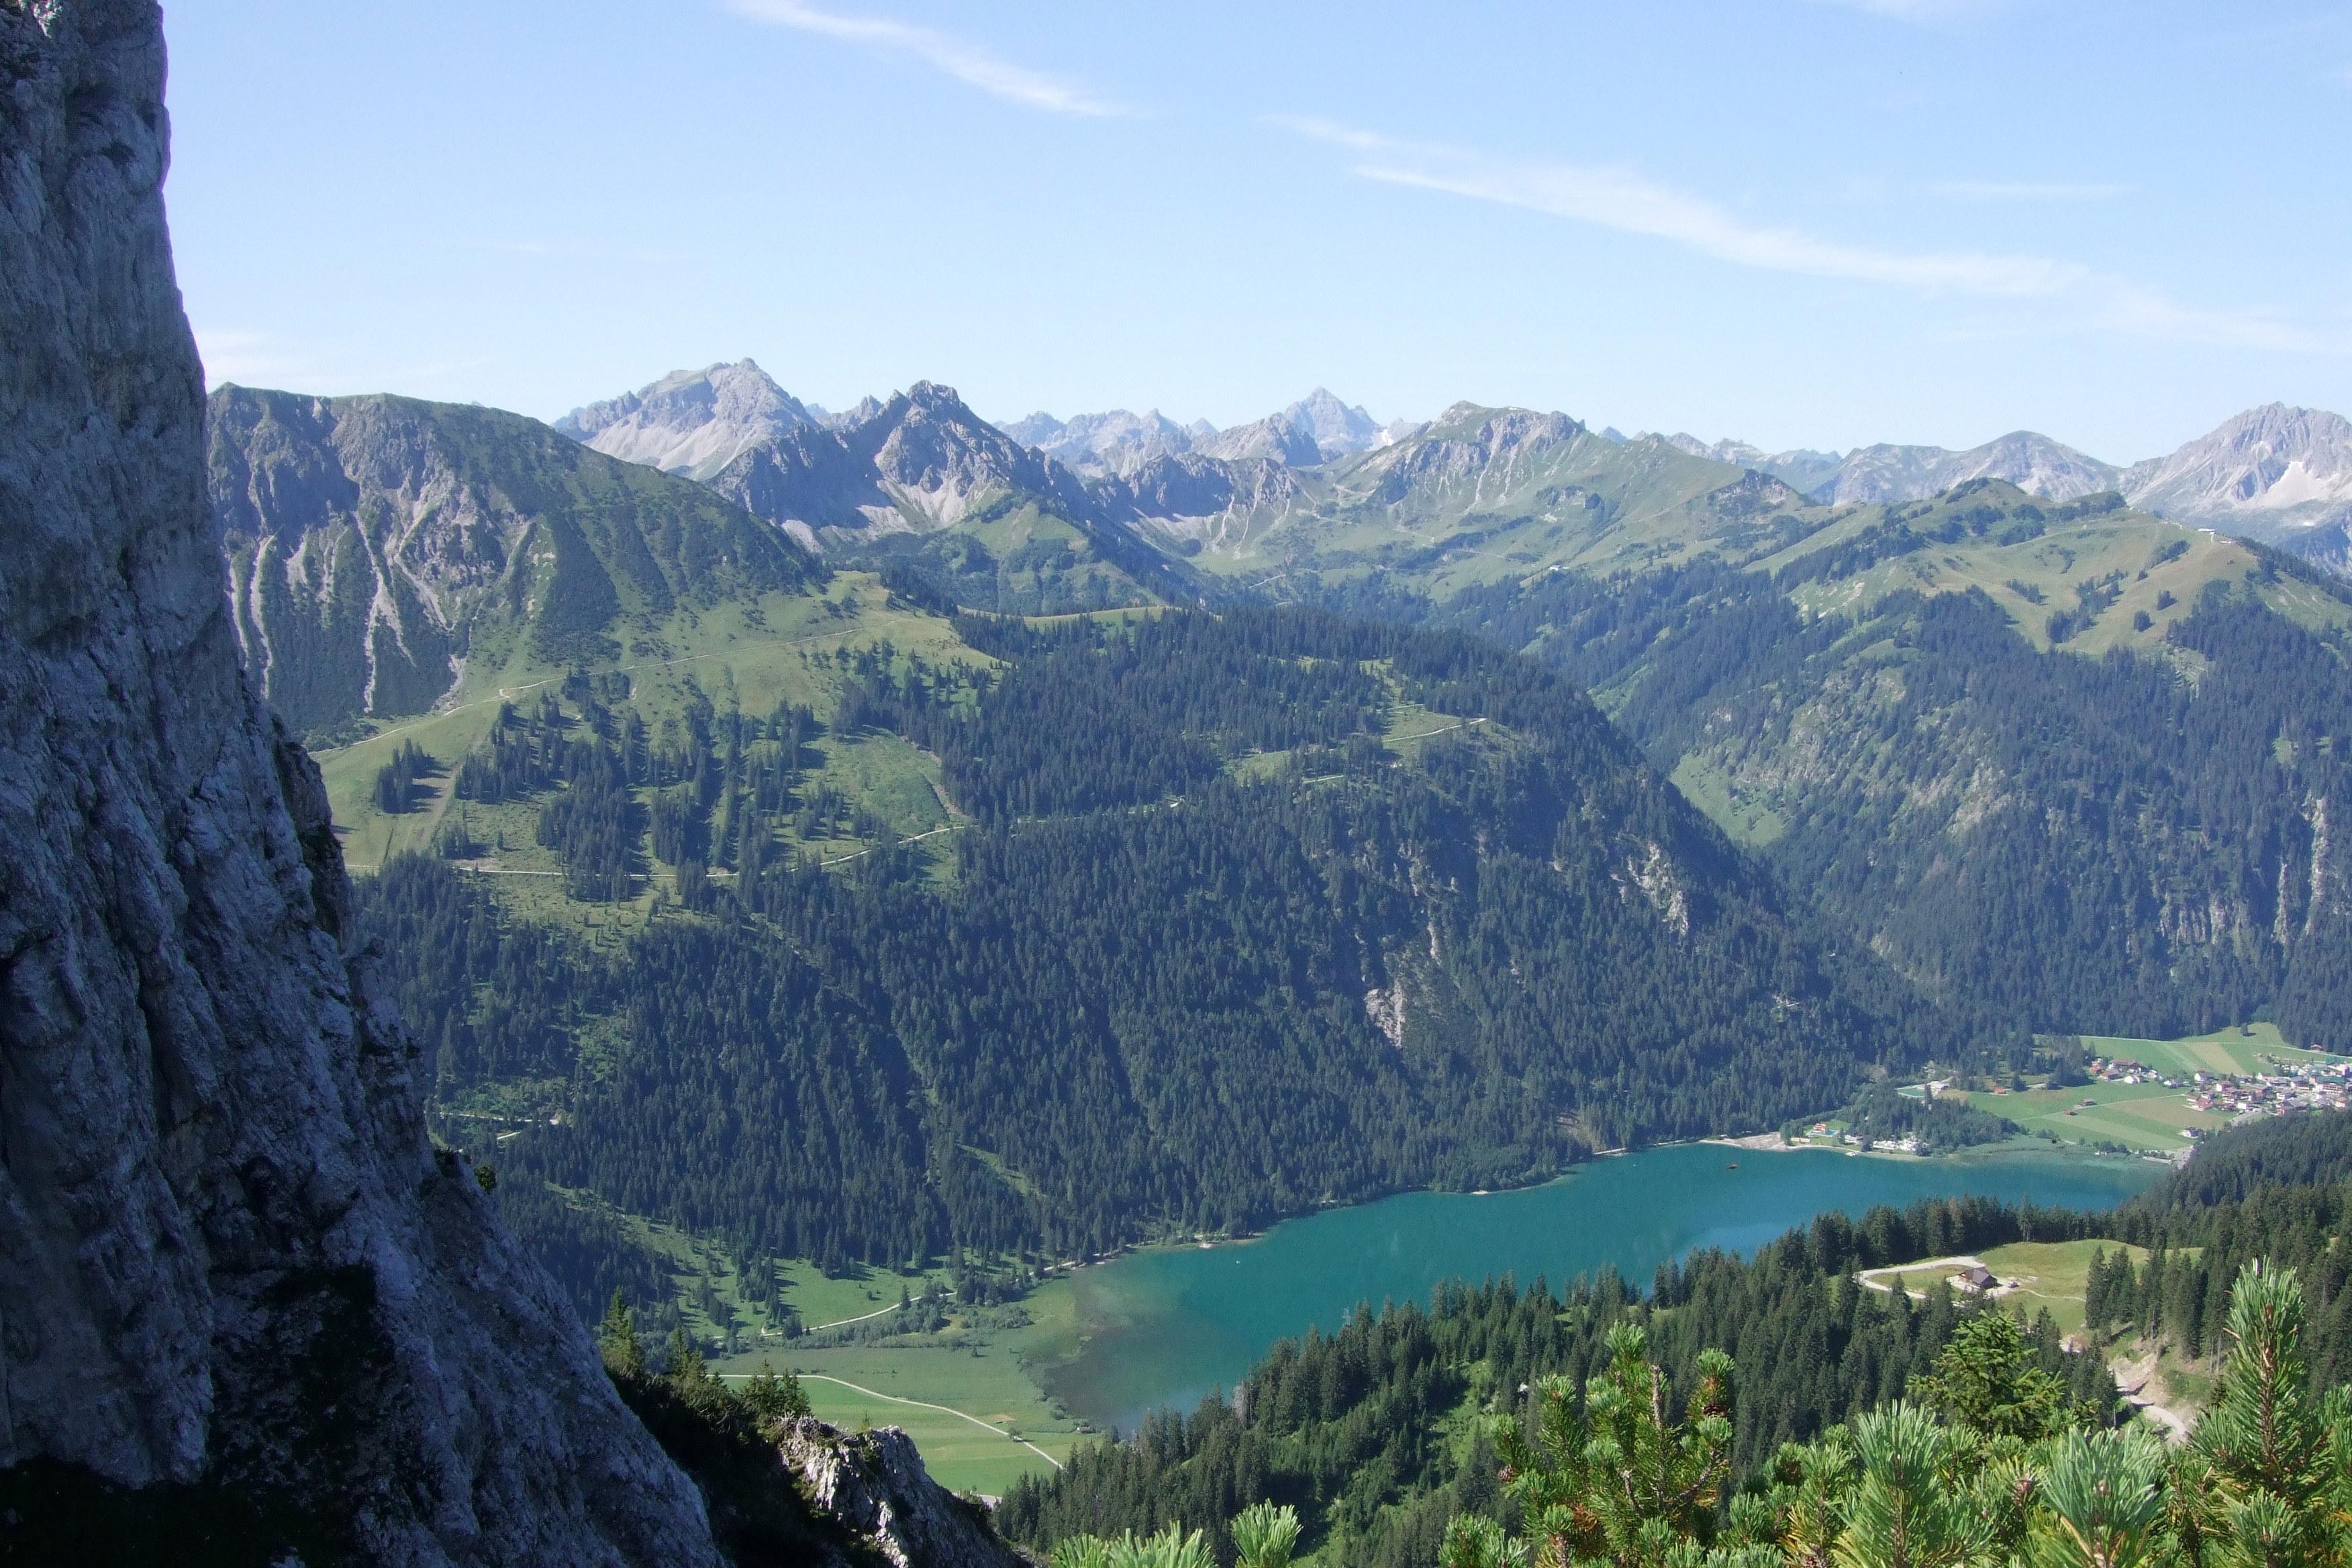 Klettersteig Tannheimer Tal : Klettersteige und wanderungen im tannheimer tal lisa unterwegs